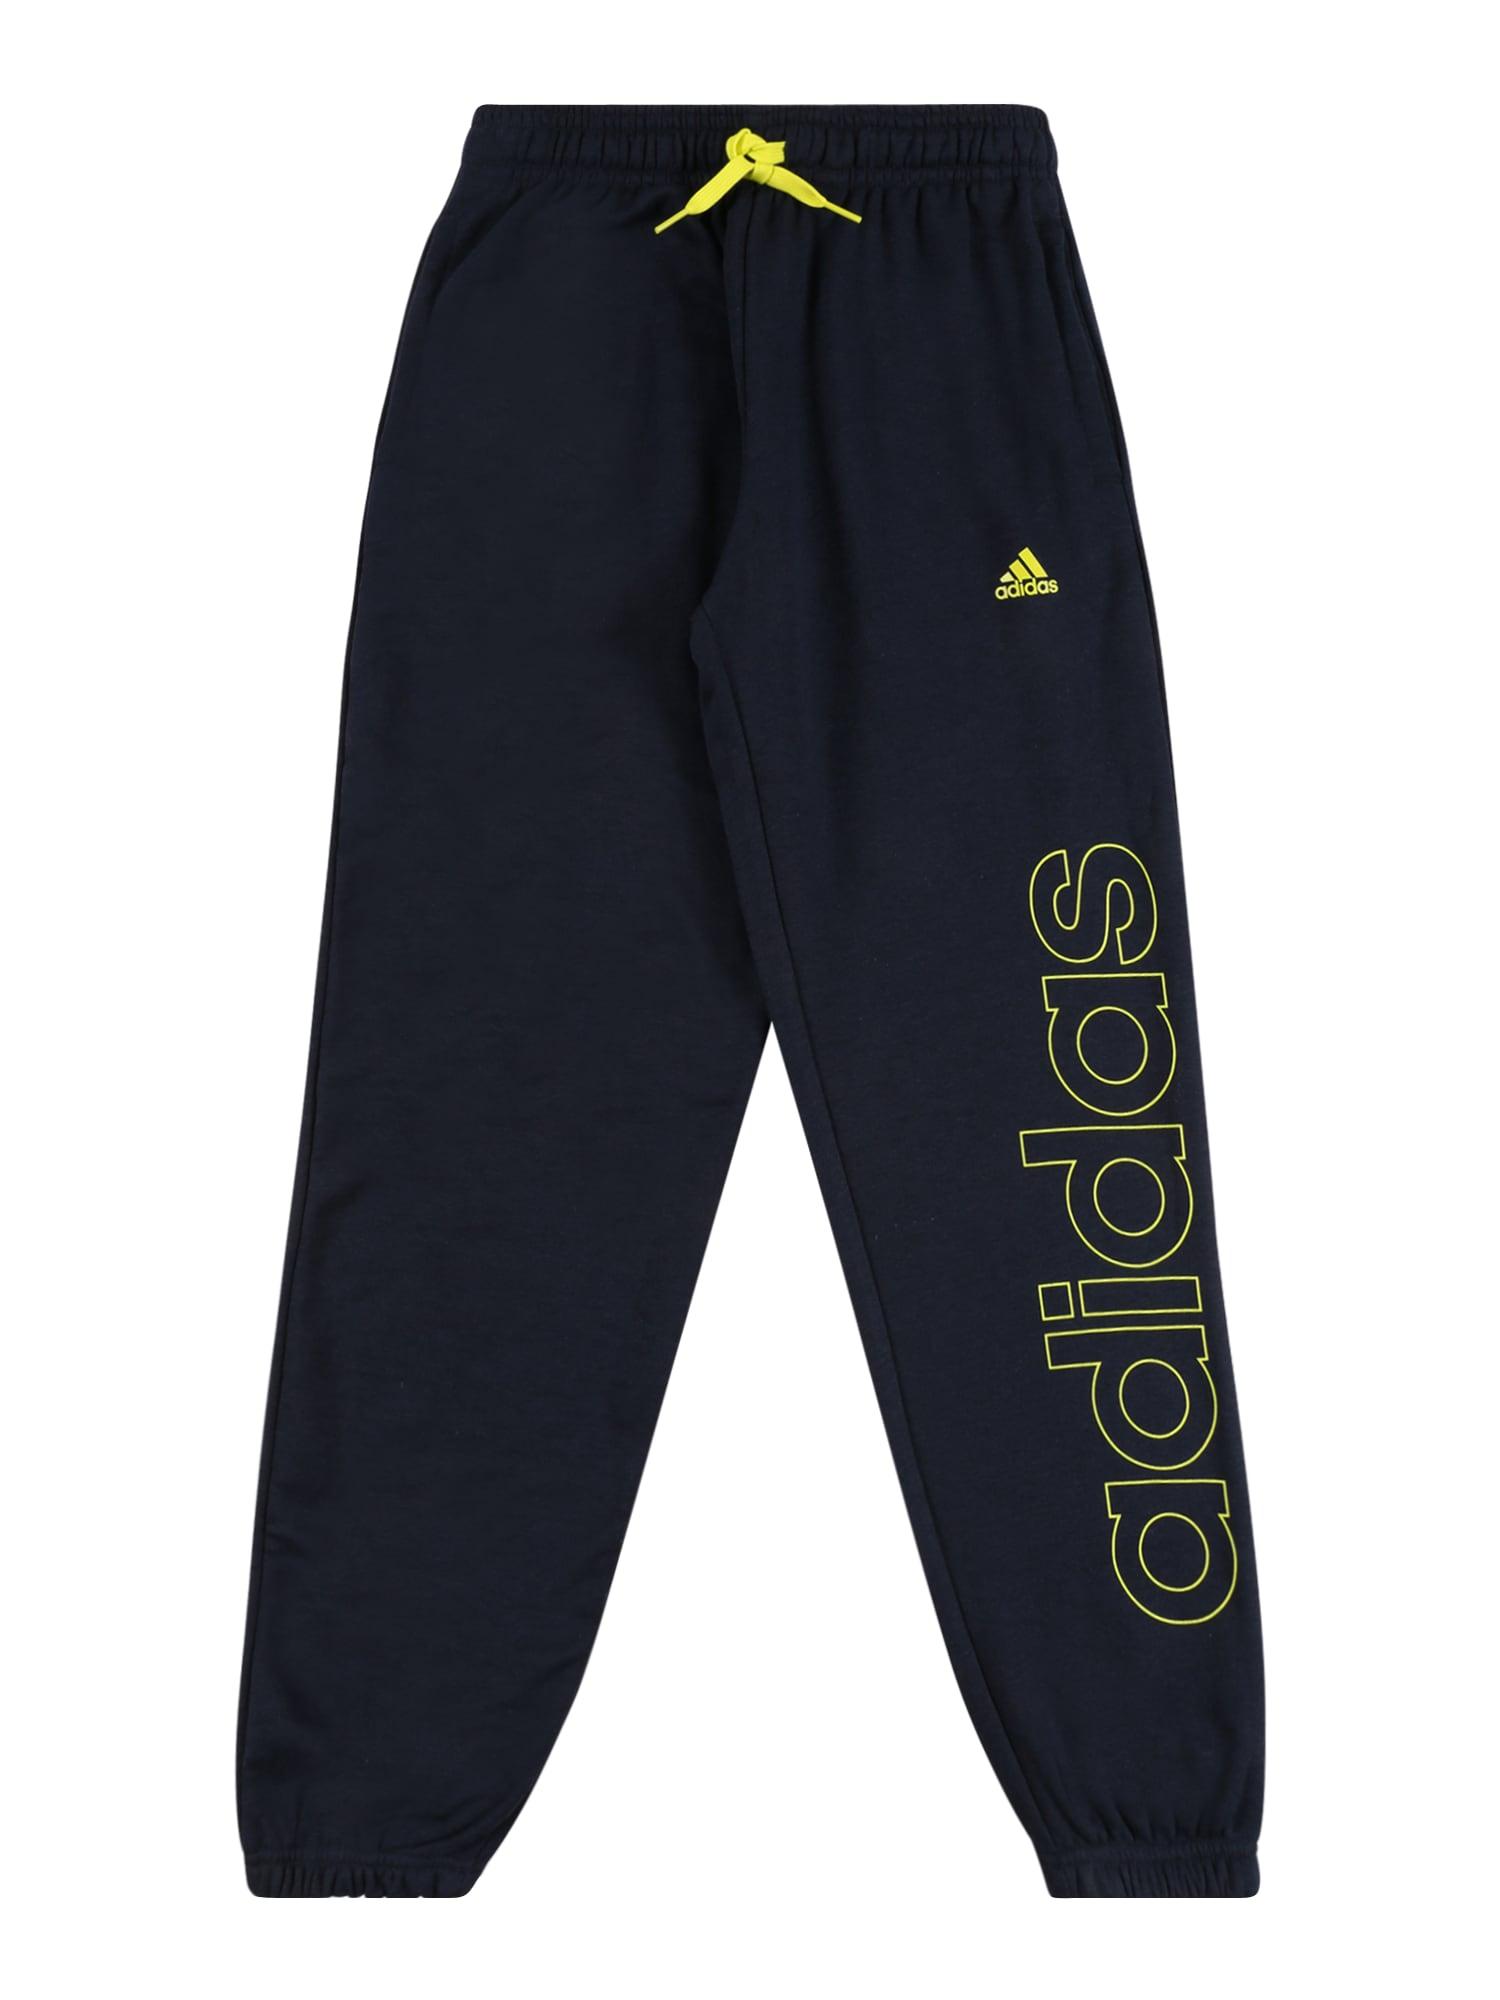 ADIDAS PERFORMANCE Sportinės kelnės juoda / neoninė geltona